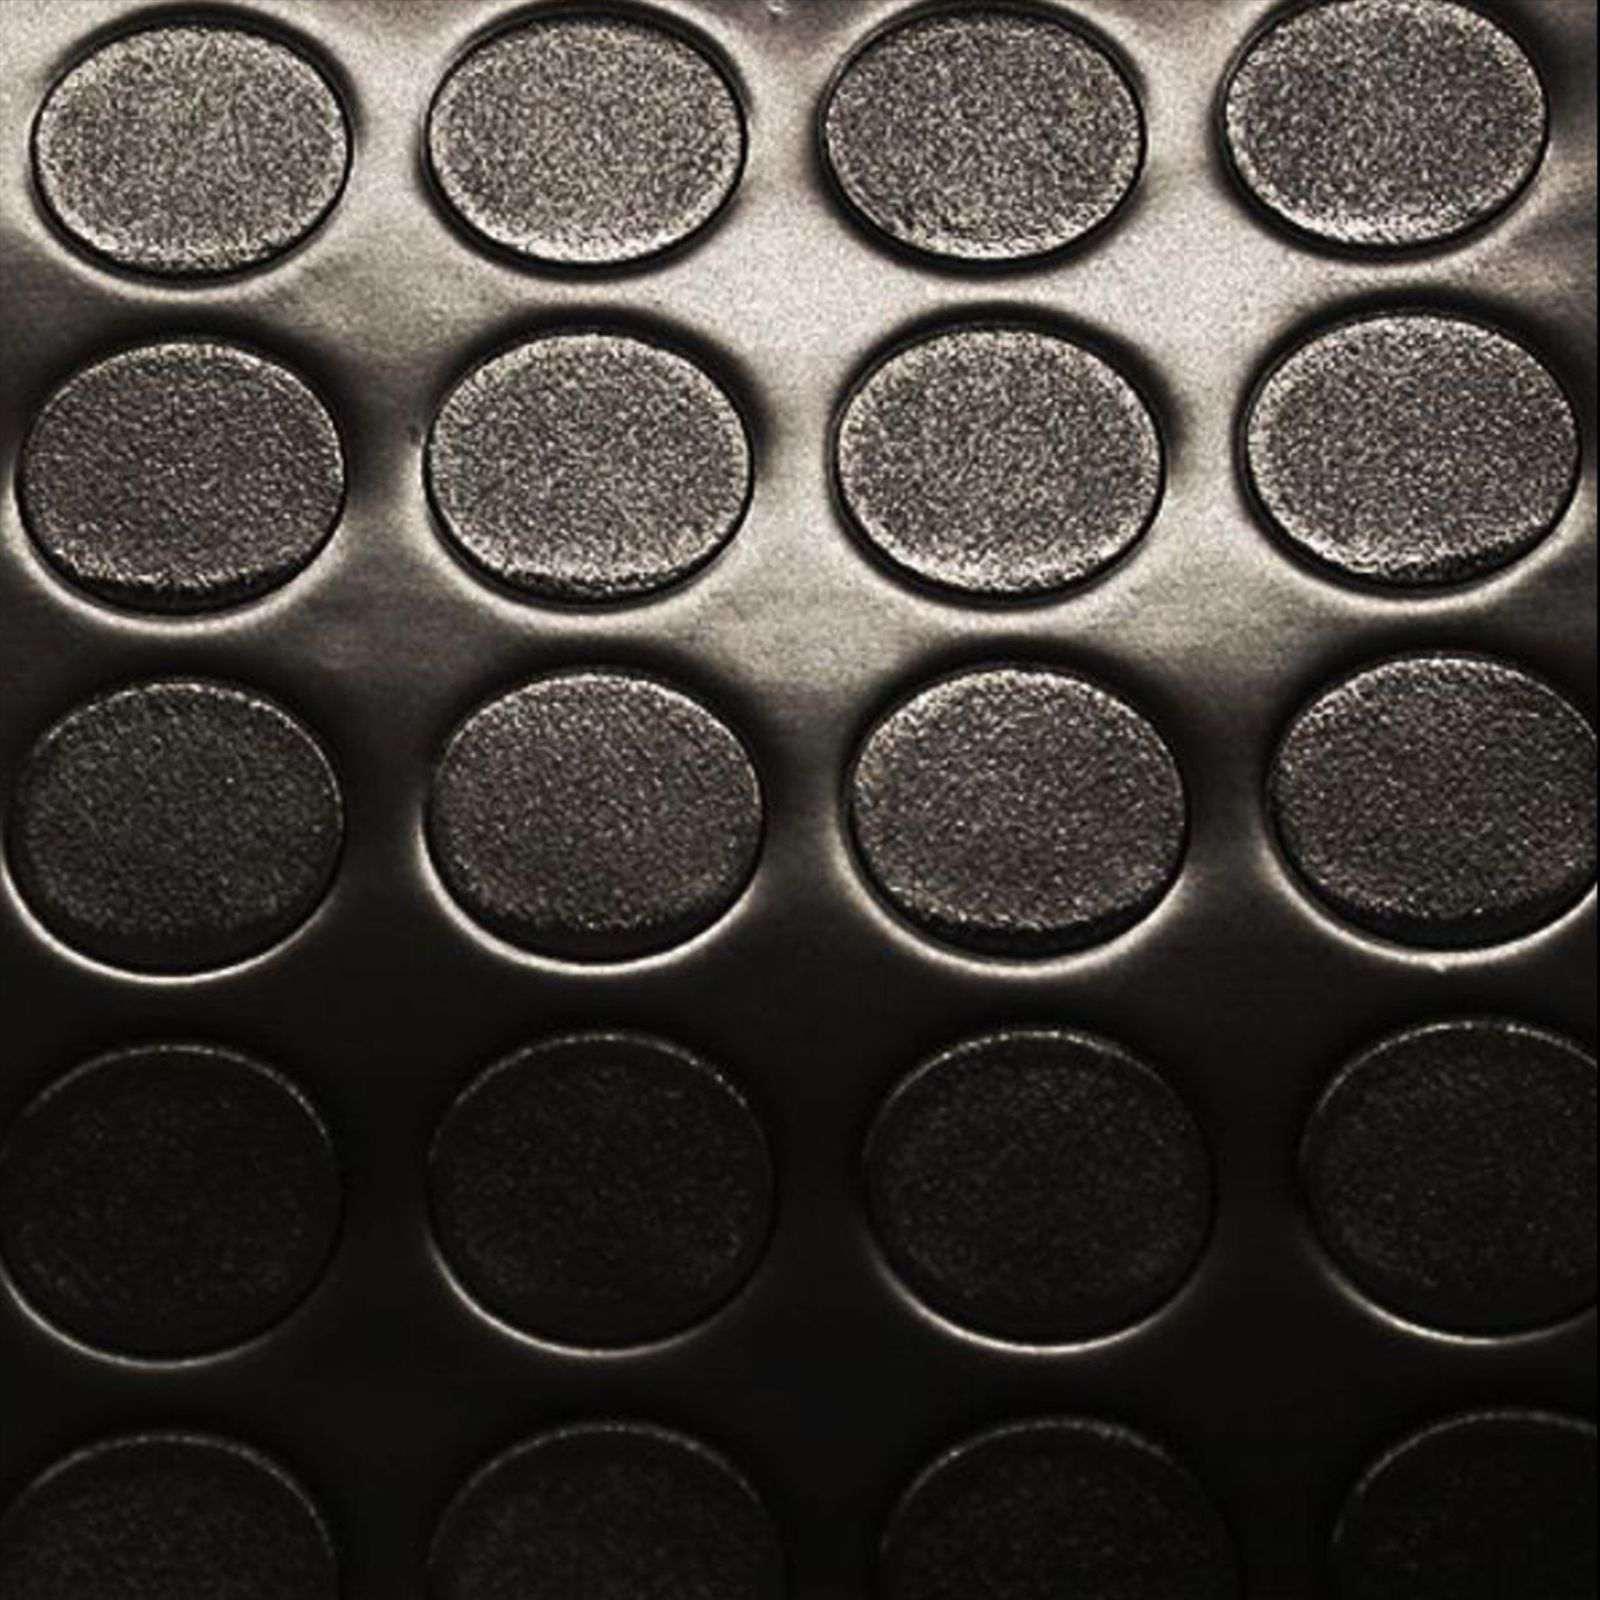 pvc bodenbelag noppenbelag noppe uni schwarz m u s t e r noppenbelag pvc cv bel ge. Black Bedroom Furniture Sets. Home Design Ideas